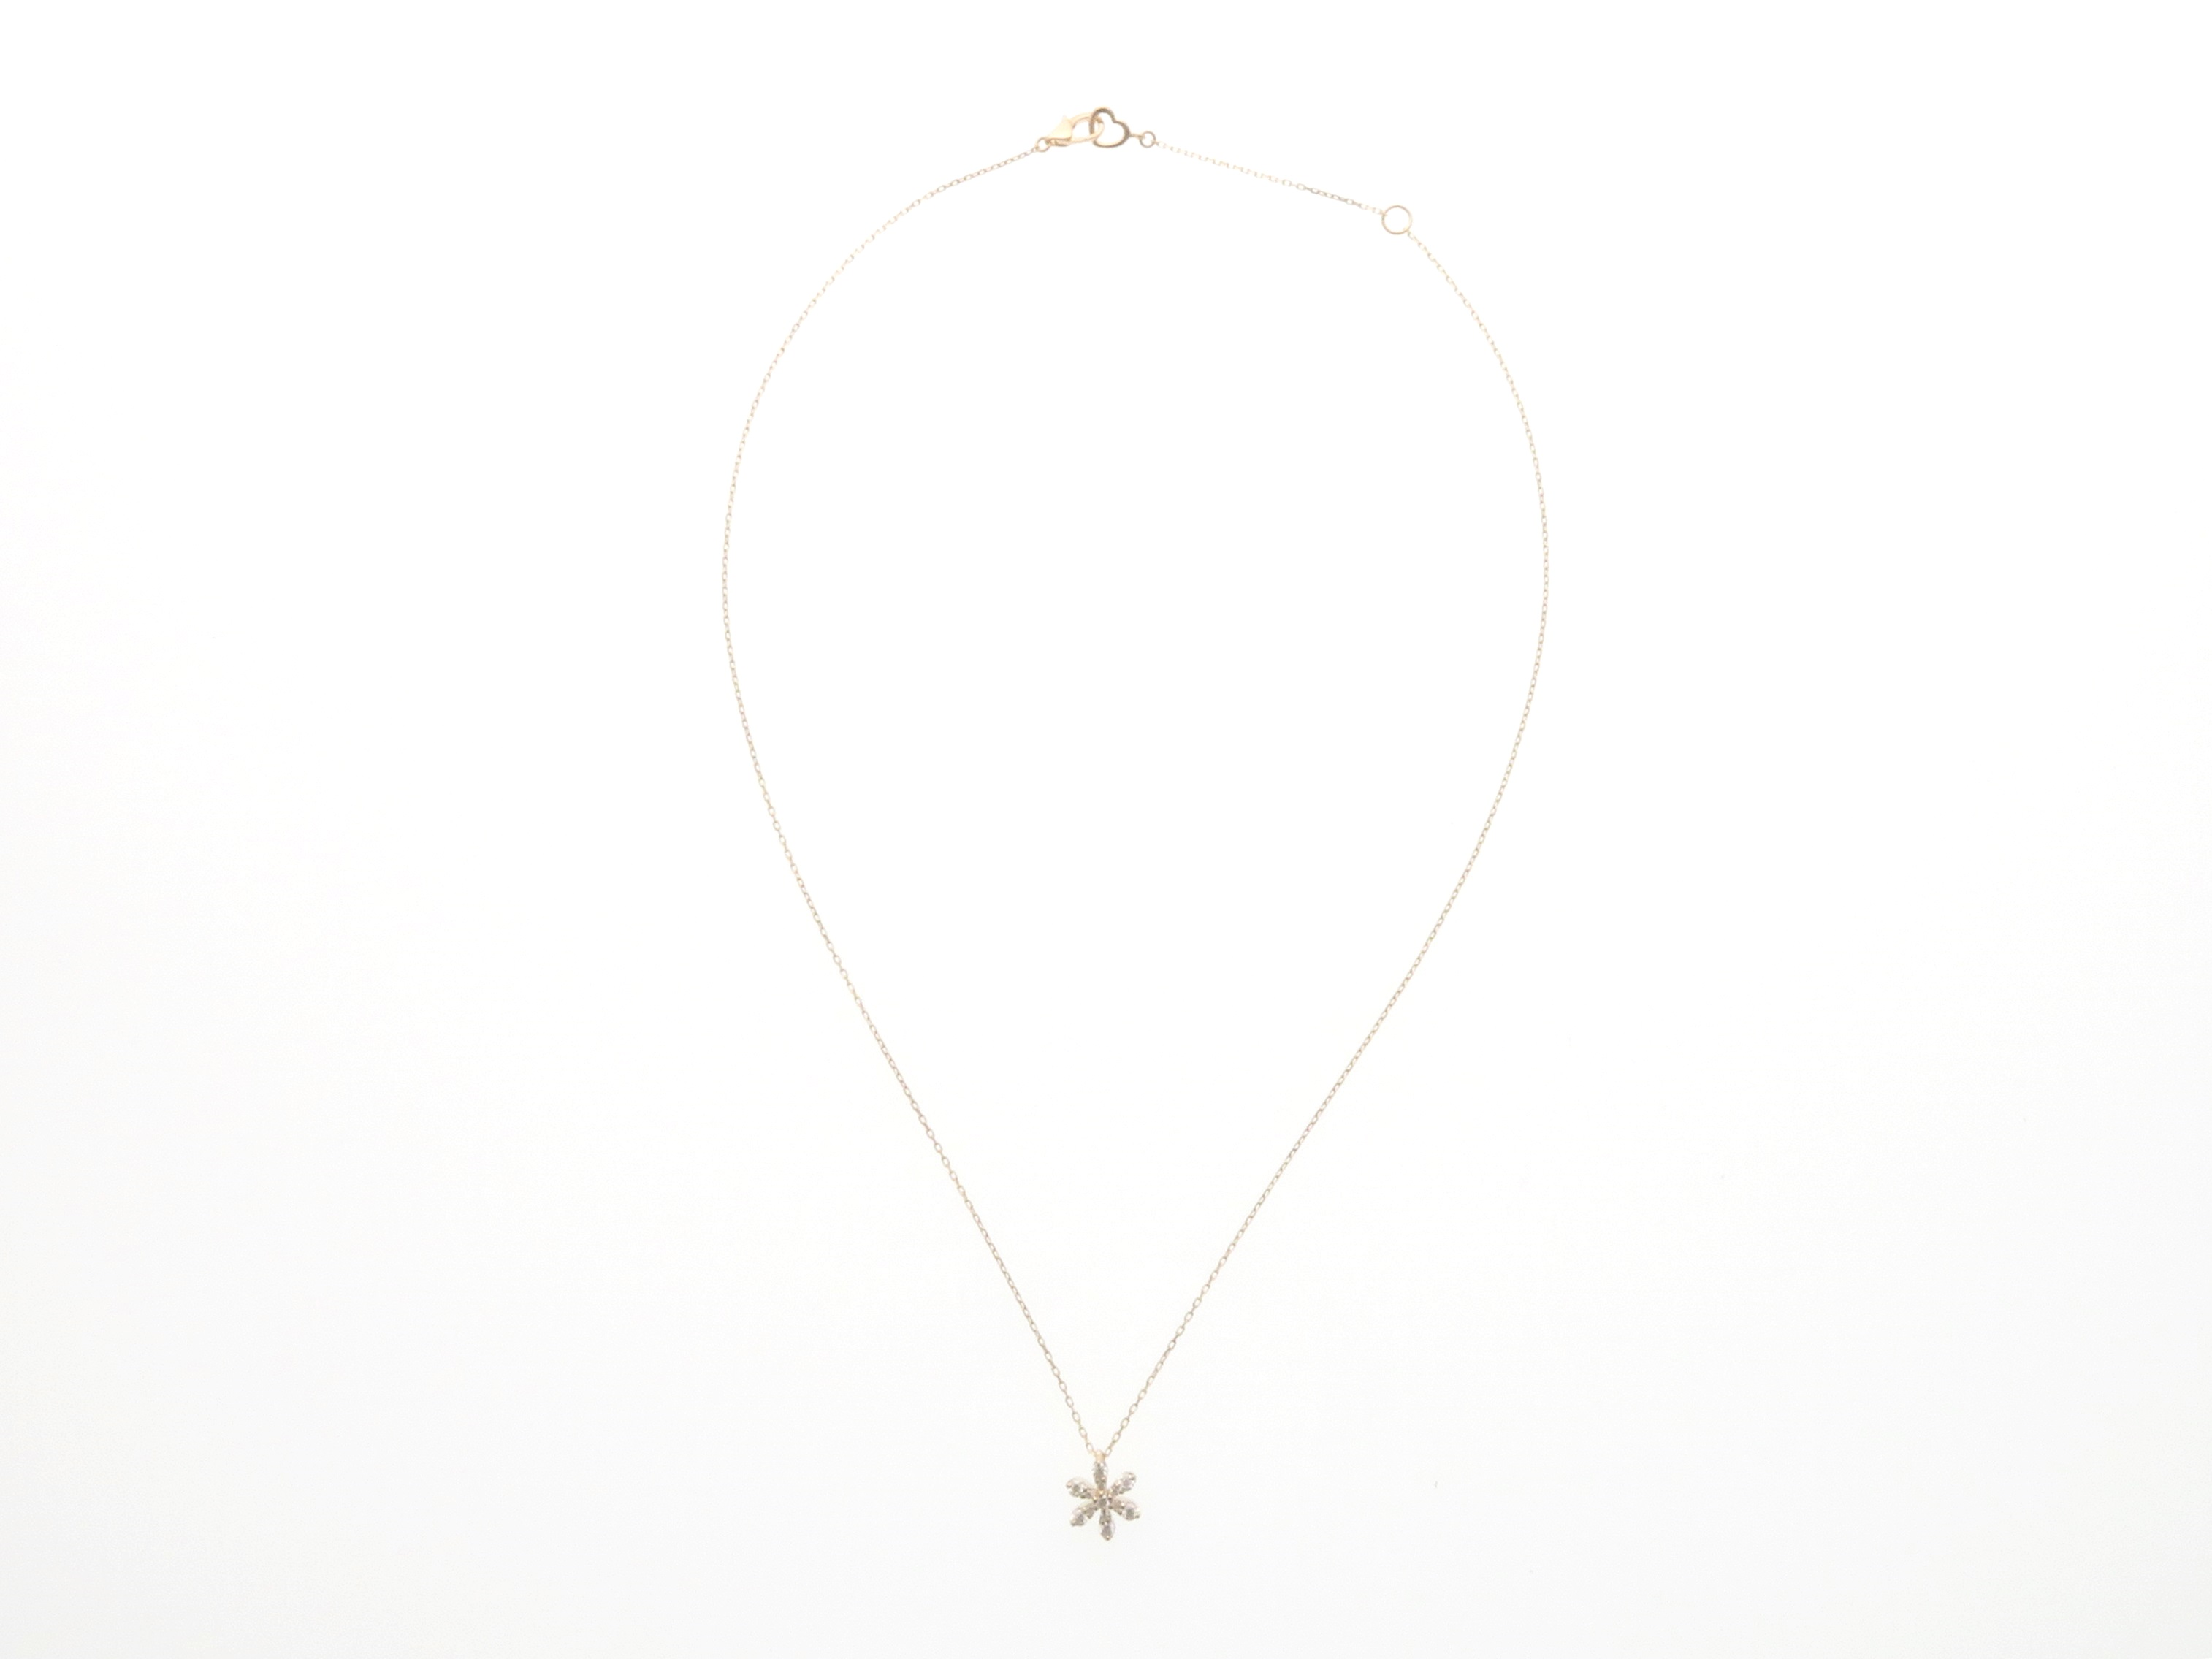 Ponte Vecchio ポンテヴェキオ  K18 ピンクゴールド ダイヤモンド ネックレス 【437】